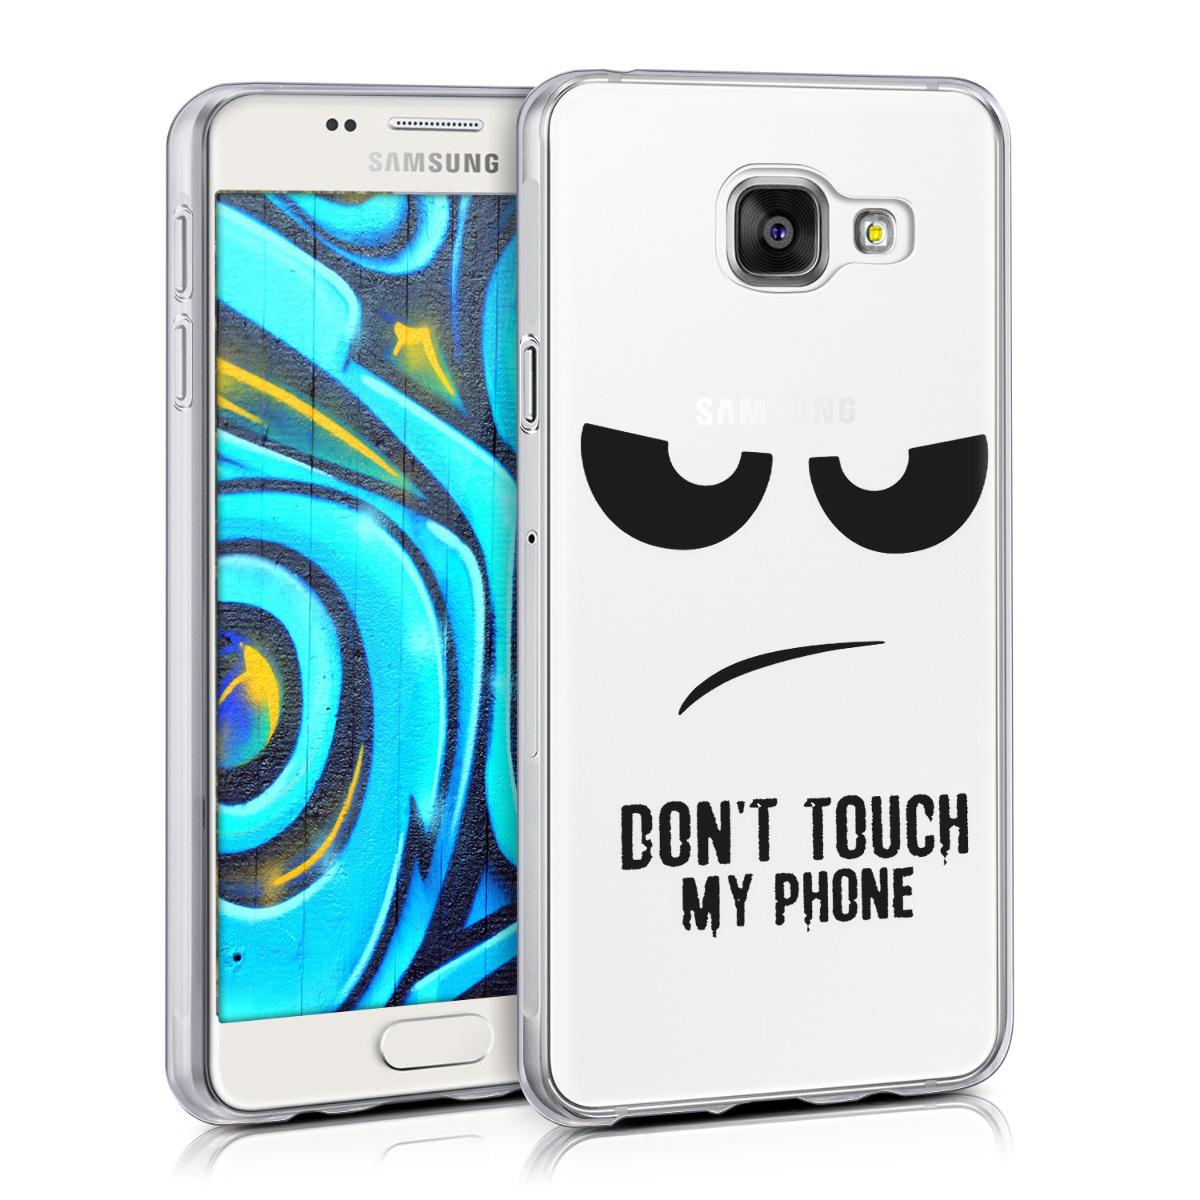 Kvalitní silikonové TPU pouzdro pro Samsung A3 (2016) - Do not Touch My Phone černé / transparentní